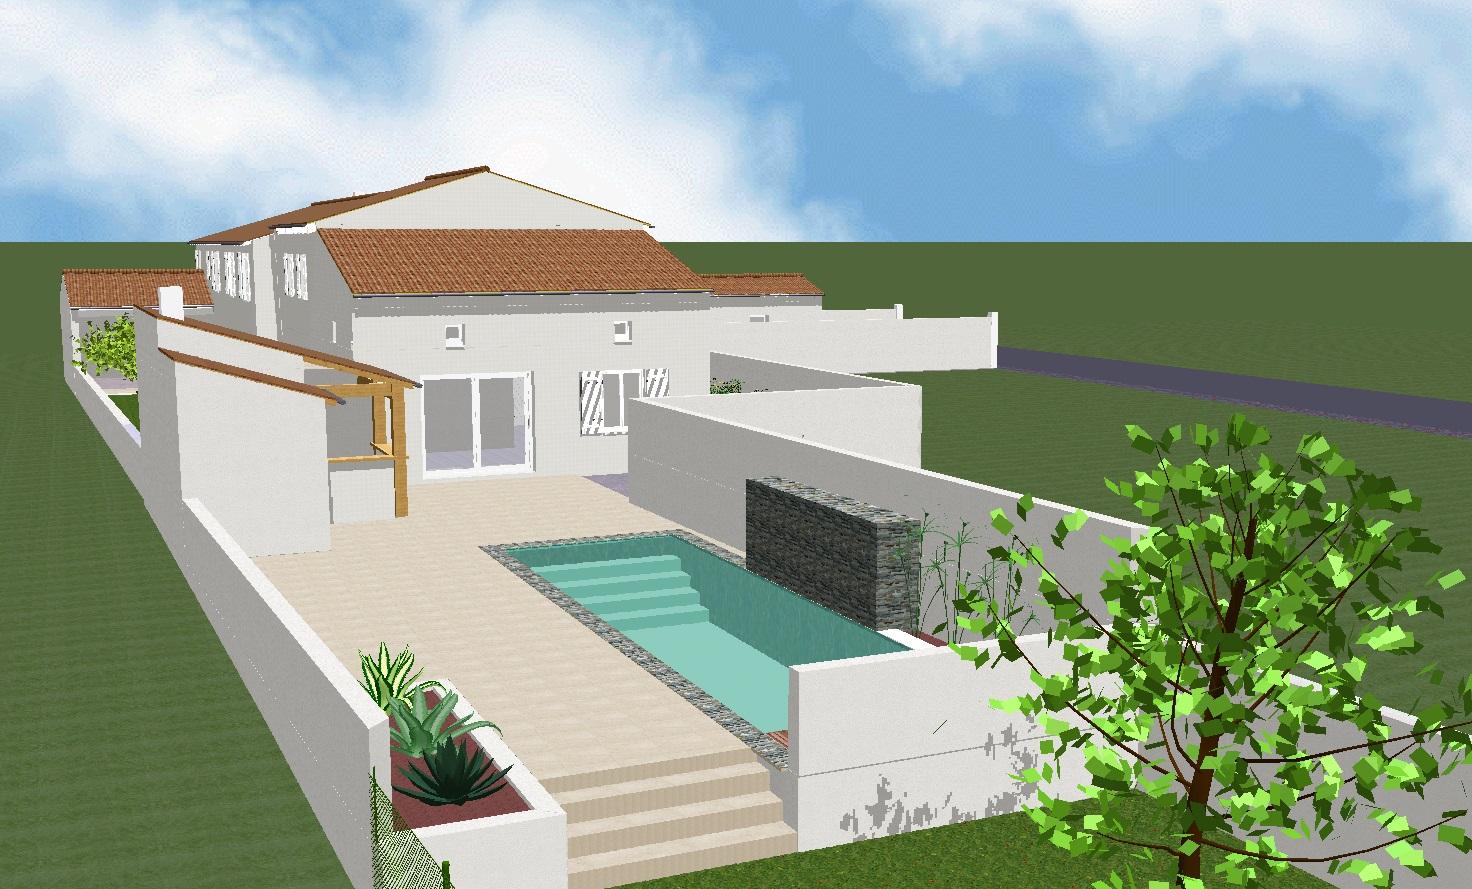 Projets de piscines et pool-houses